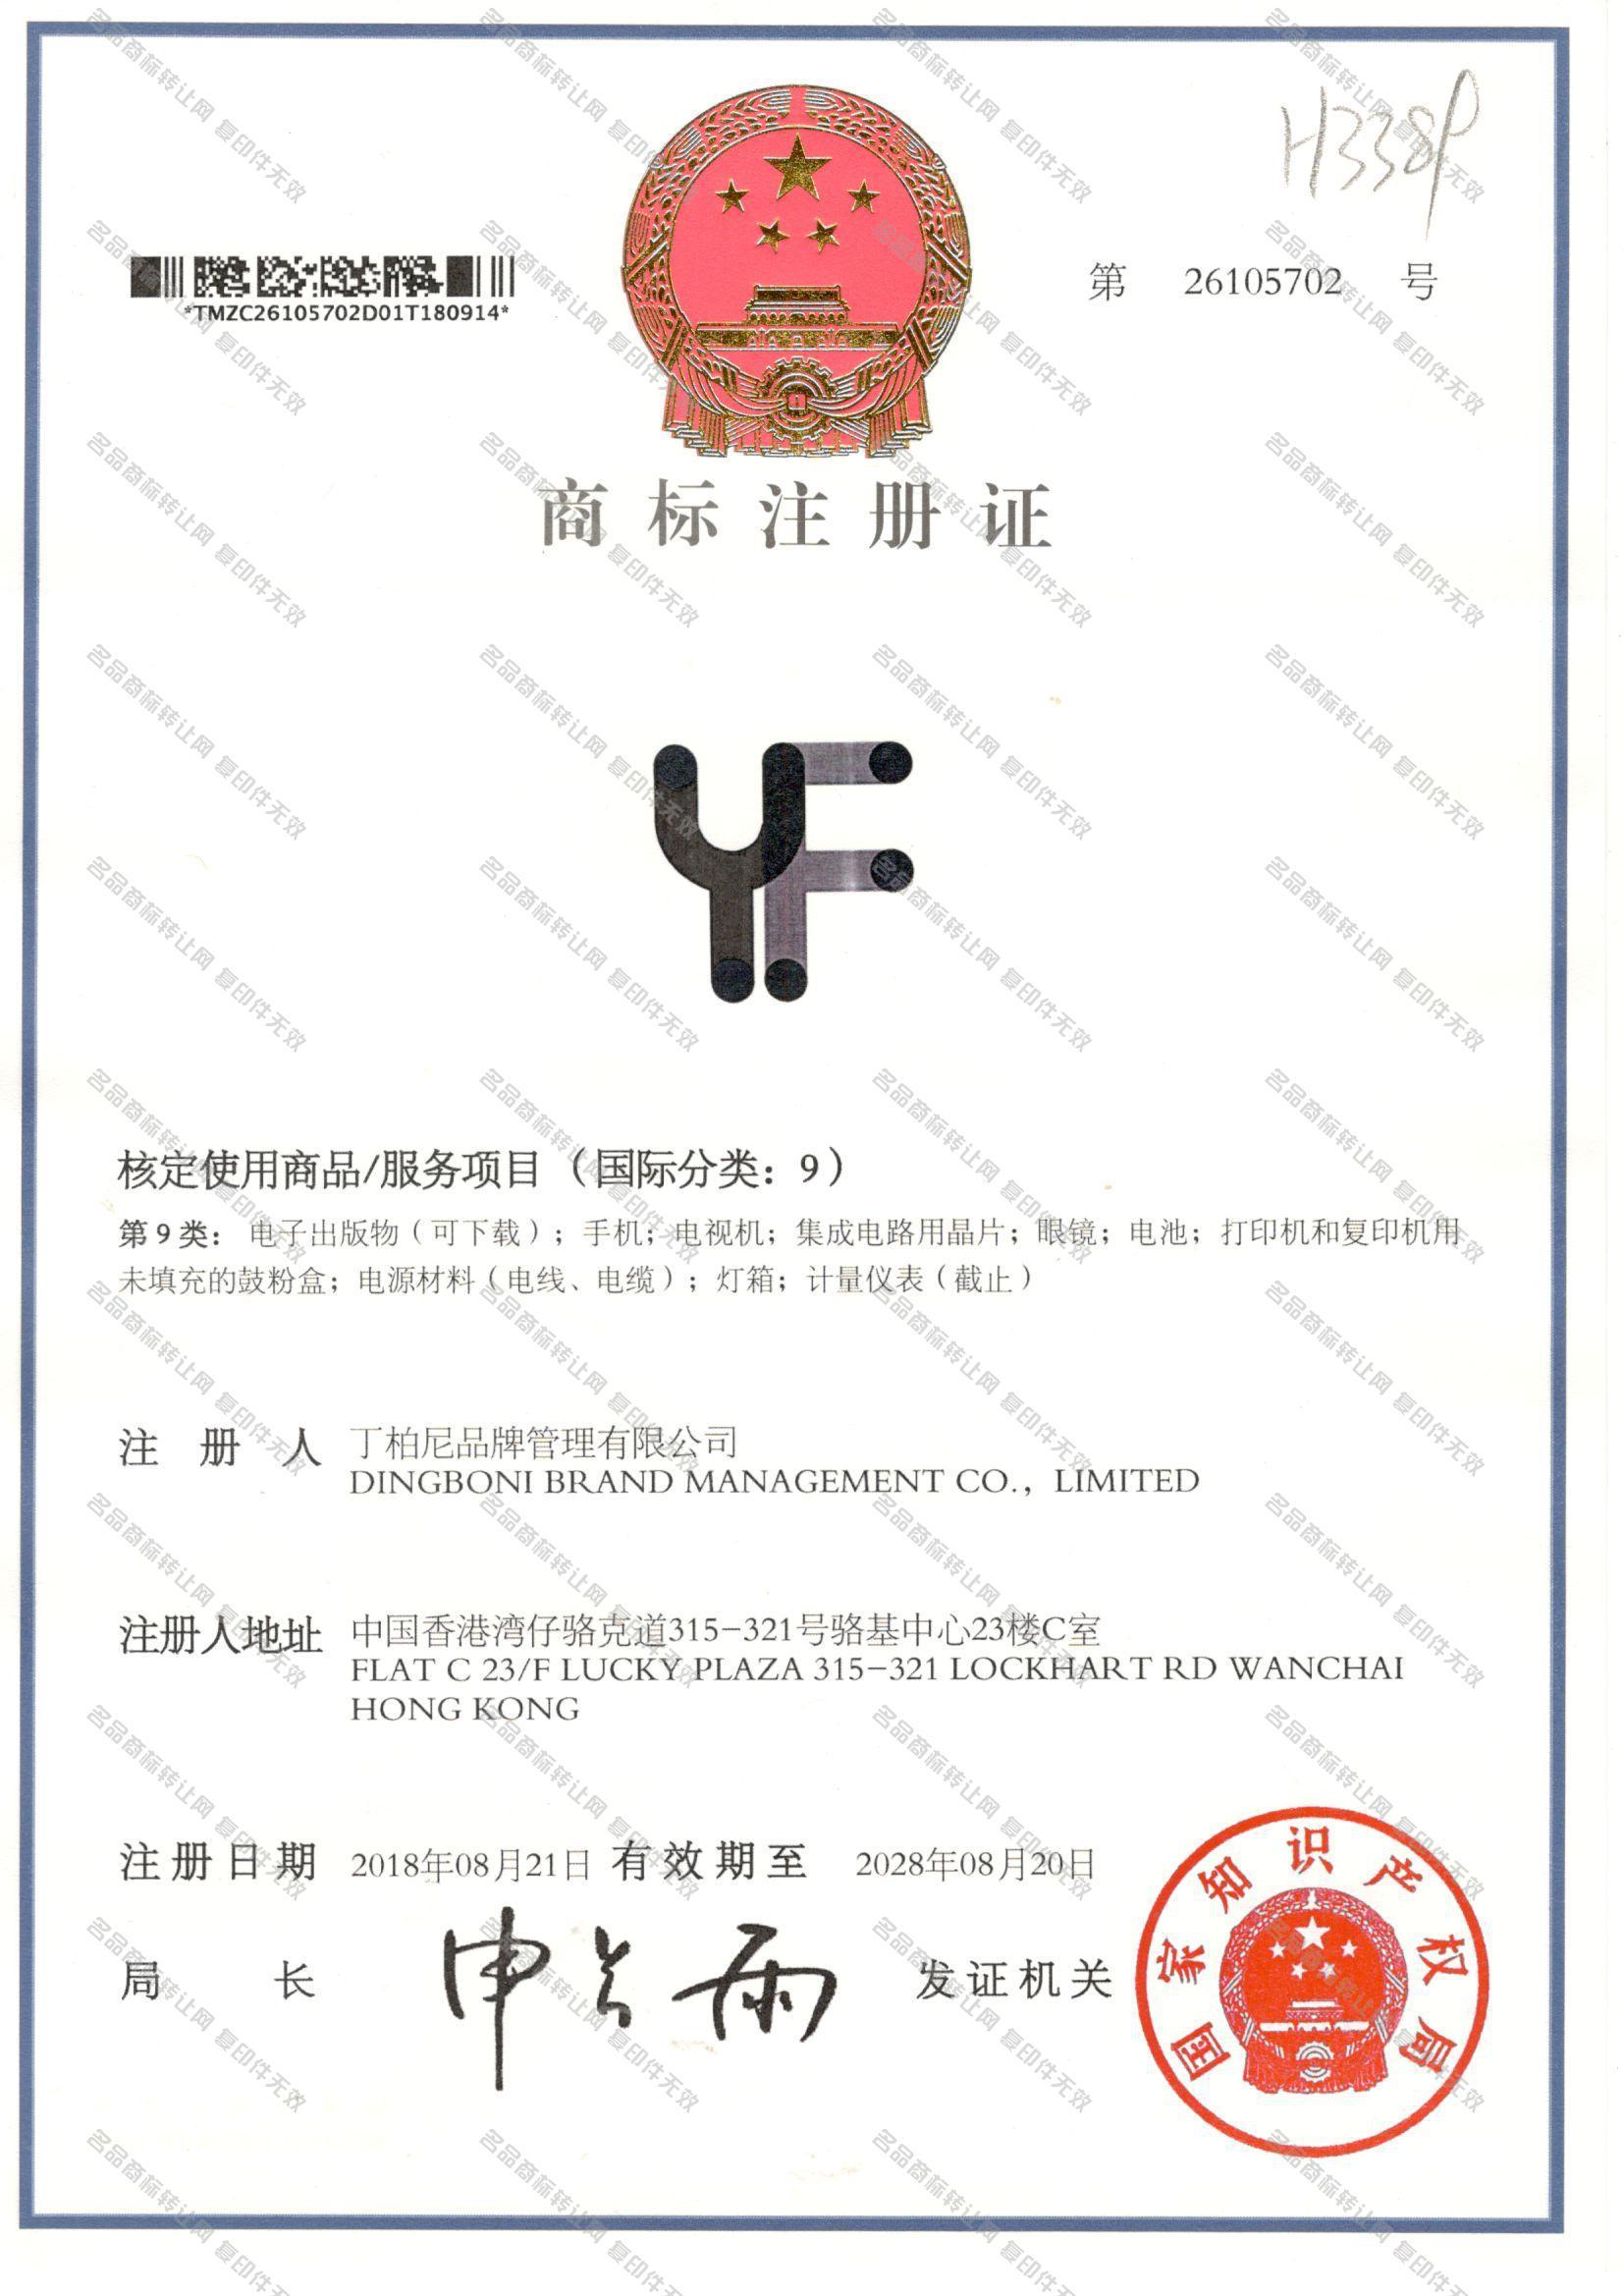 mp名品网_YF商标转让 - 第9类-电子电器- 名品商标转让网